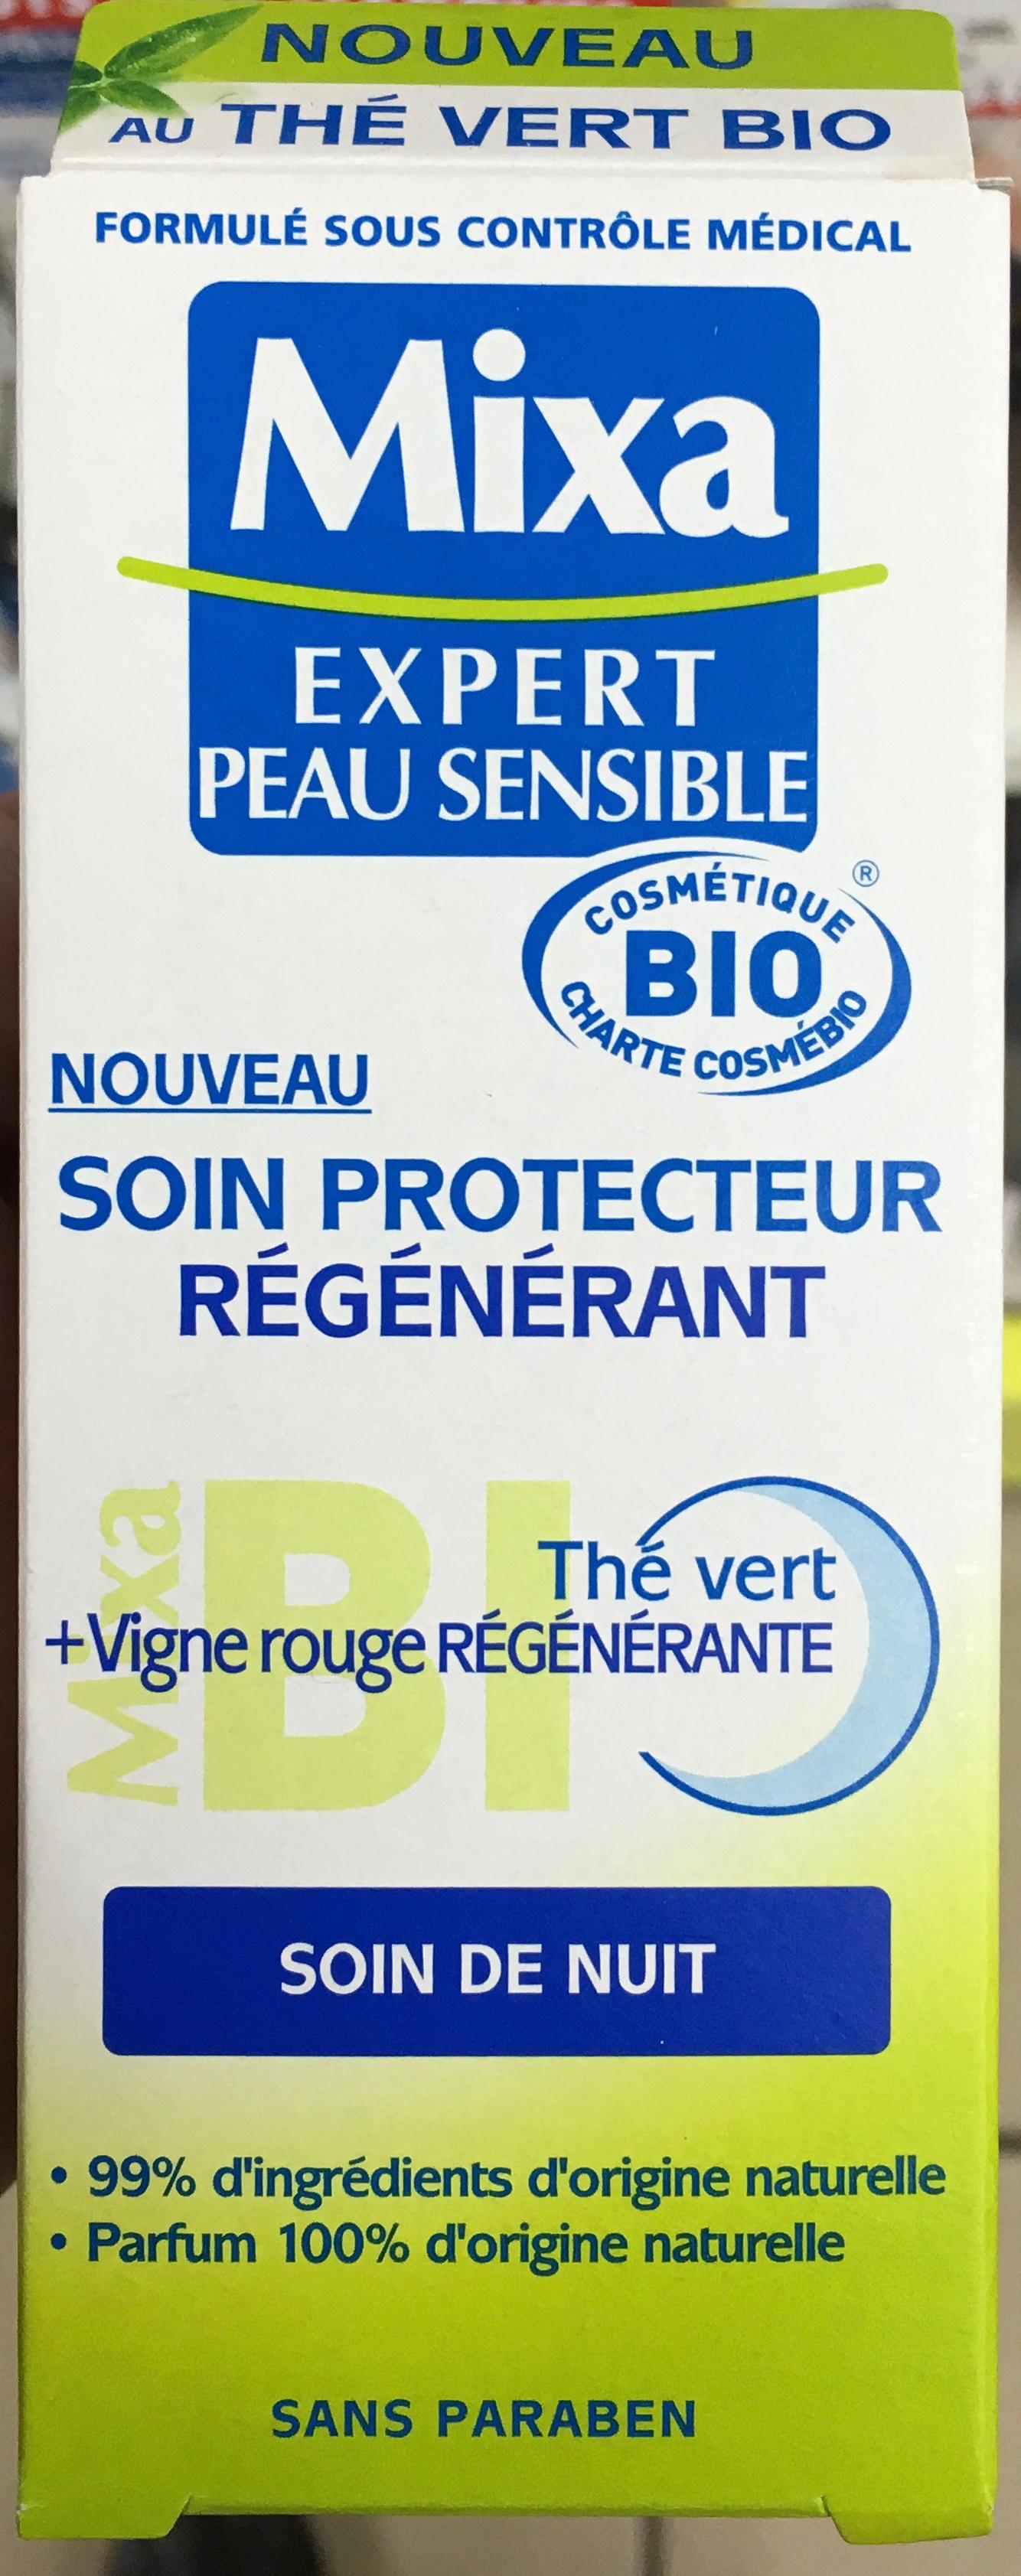 Soin protecteur regénérant Thé vert + Vigne rouge régénérante - Produit